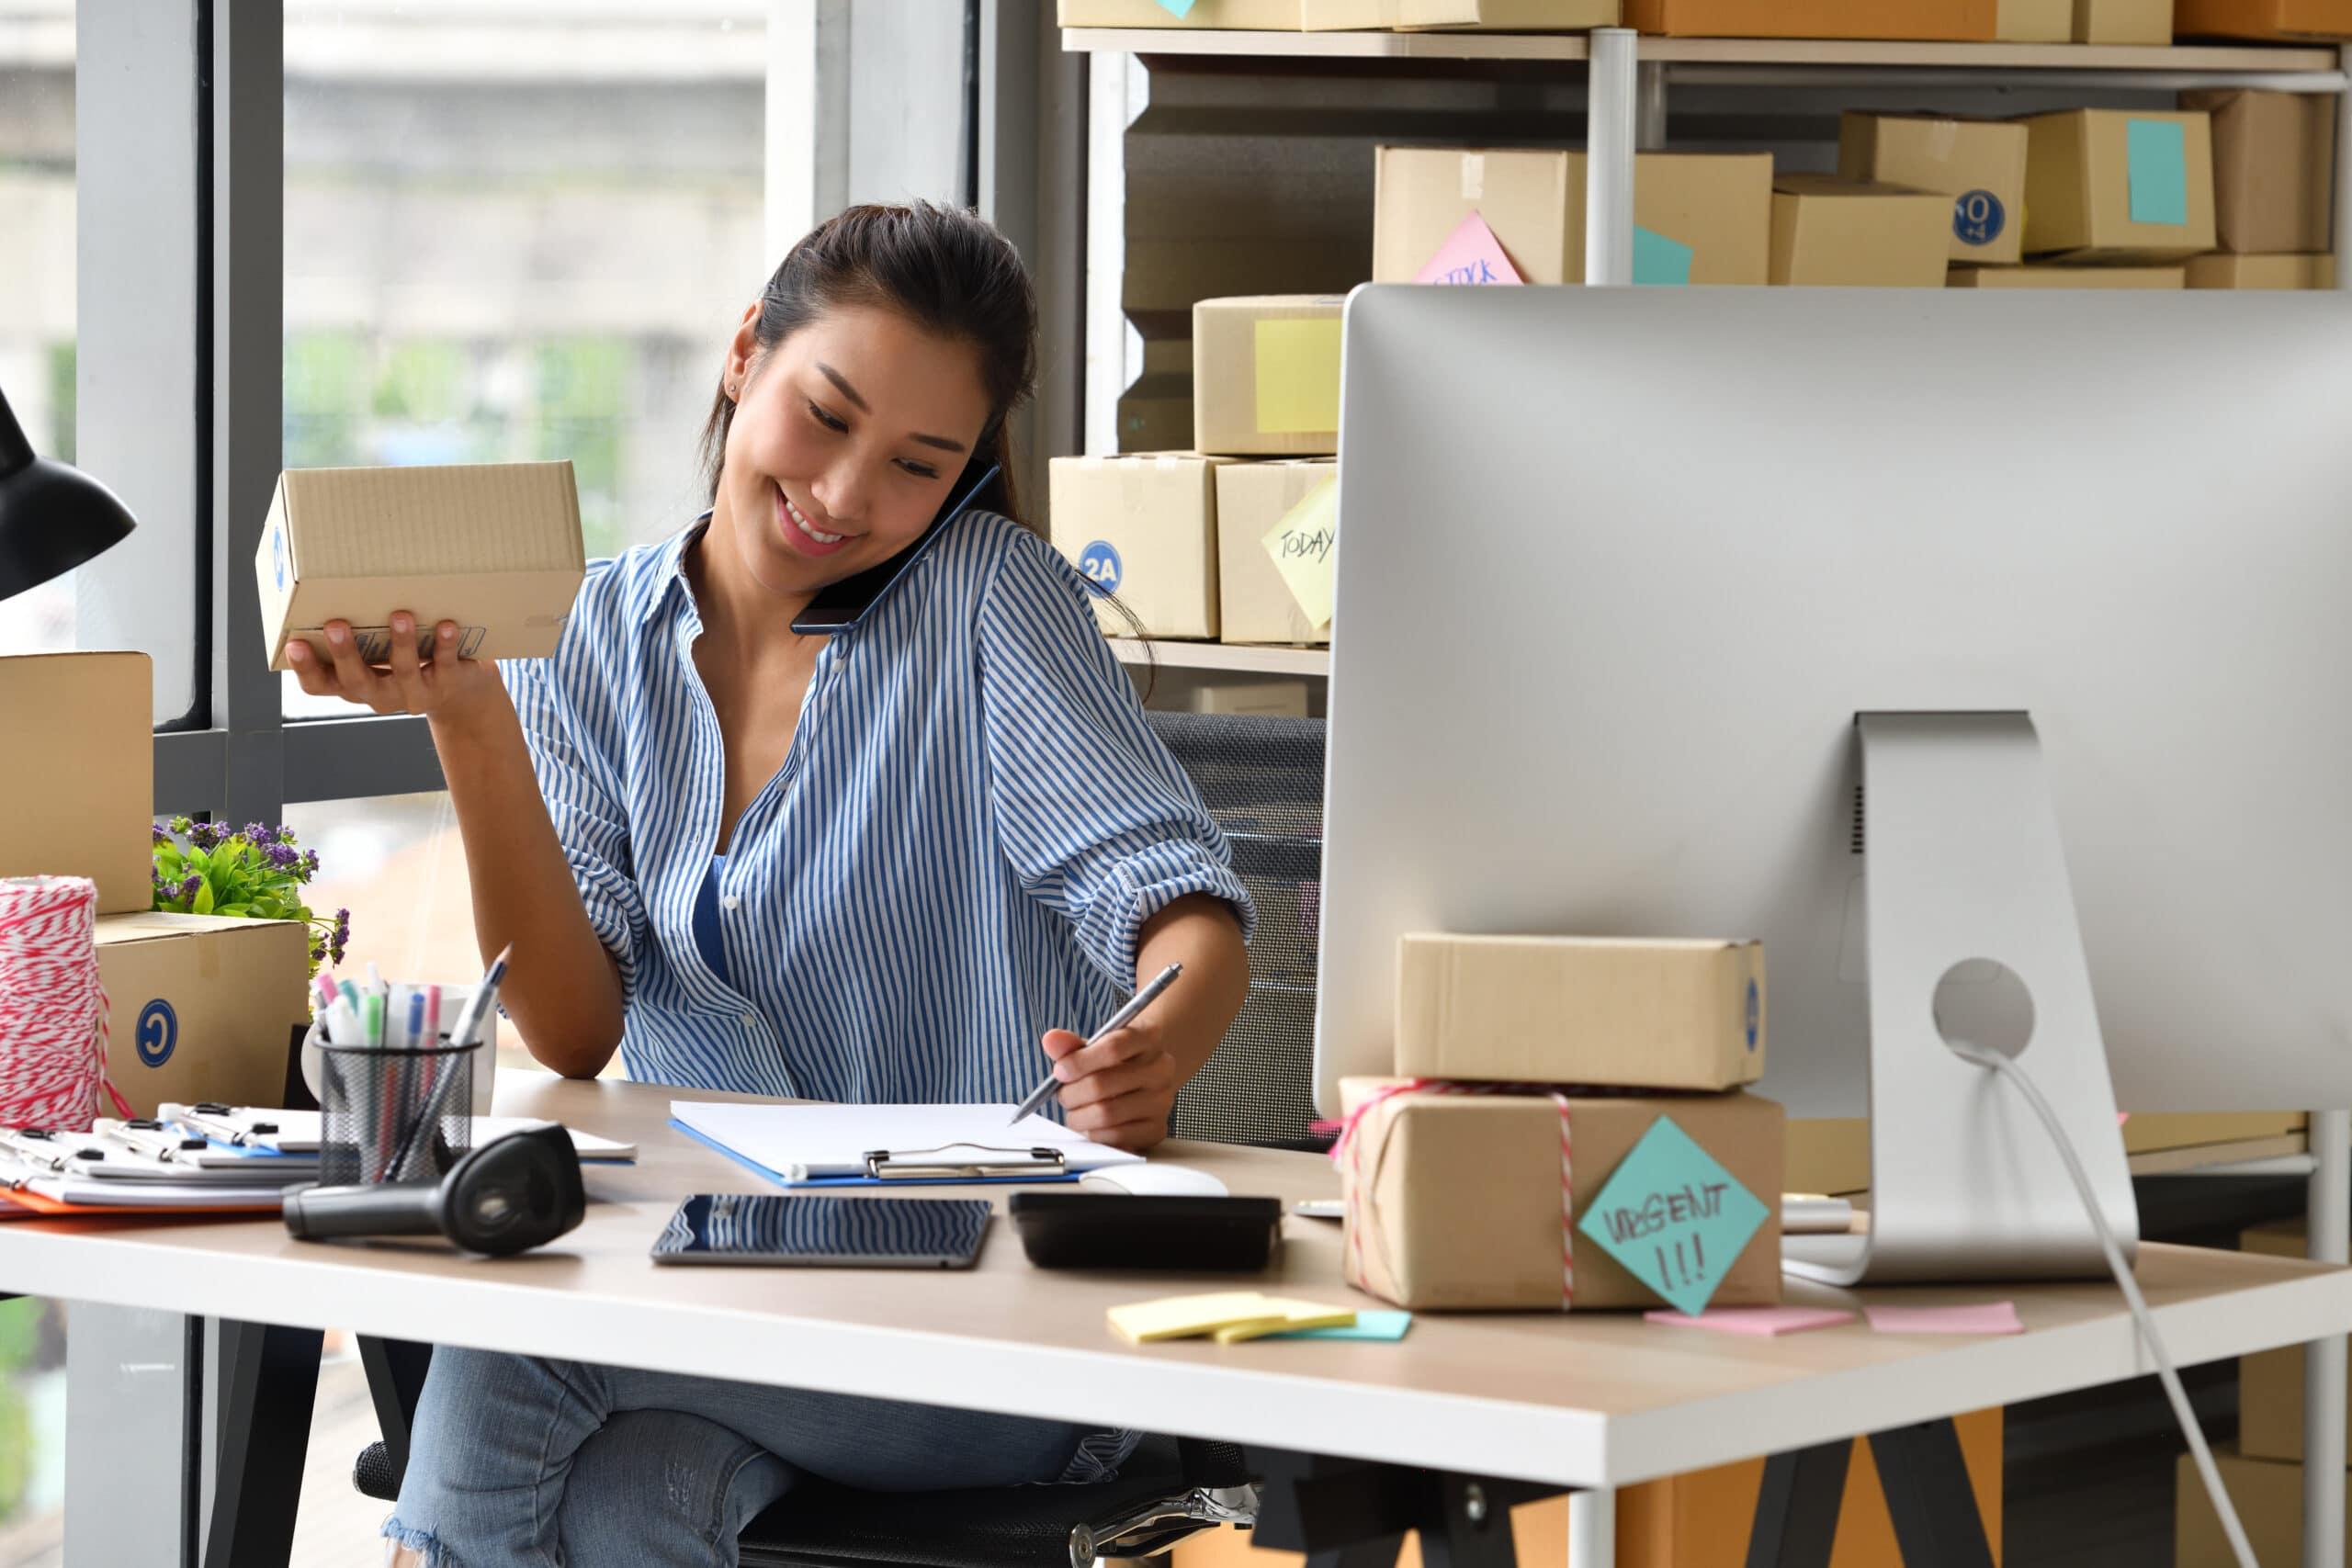 Donna Impresa e-commerce